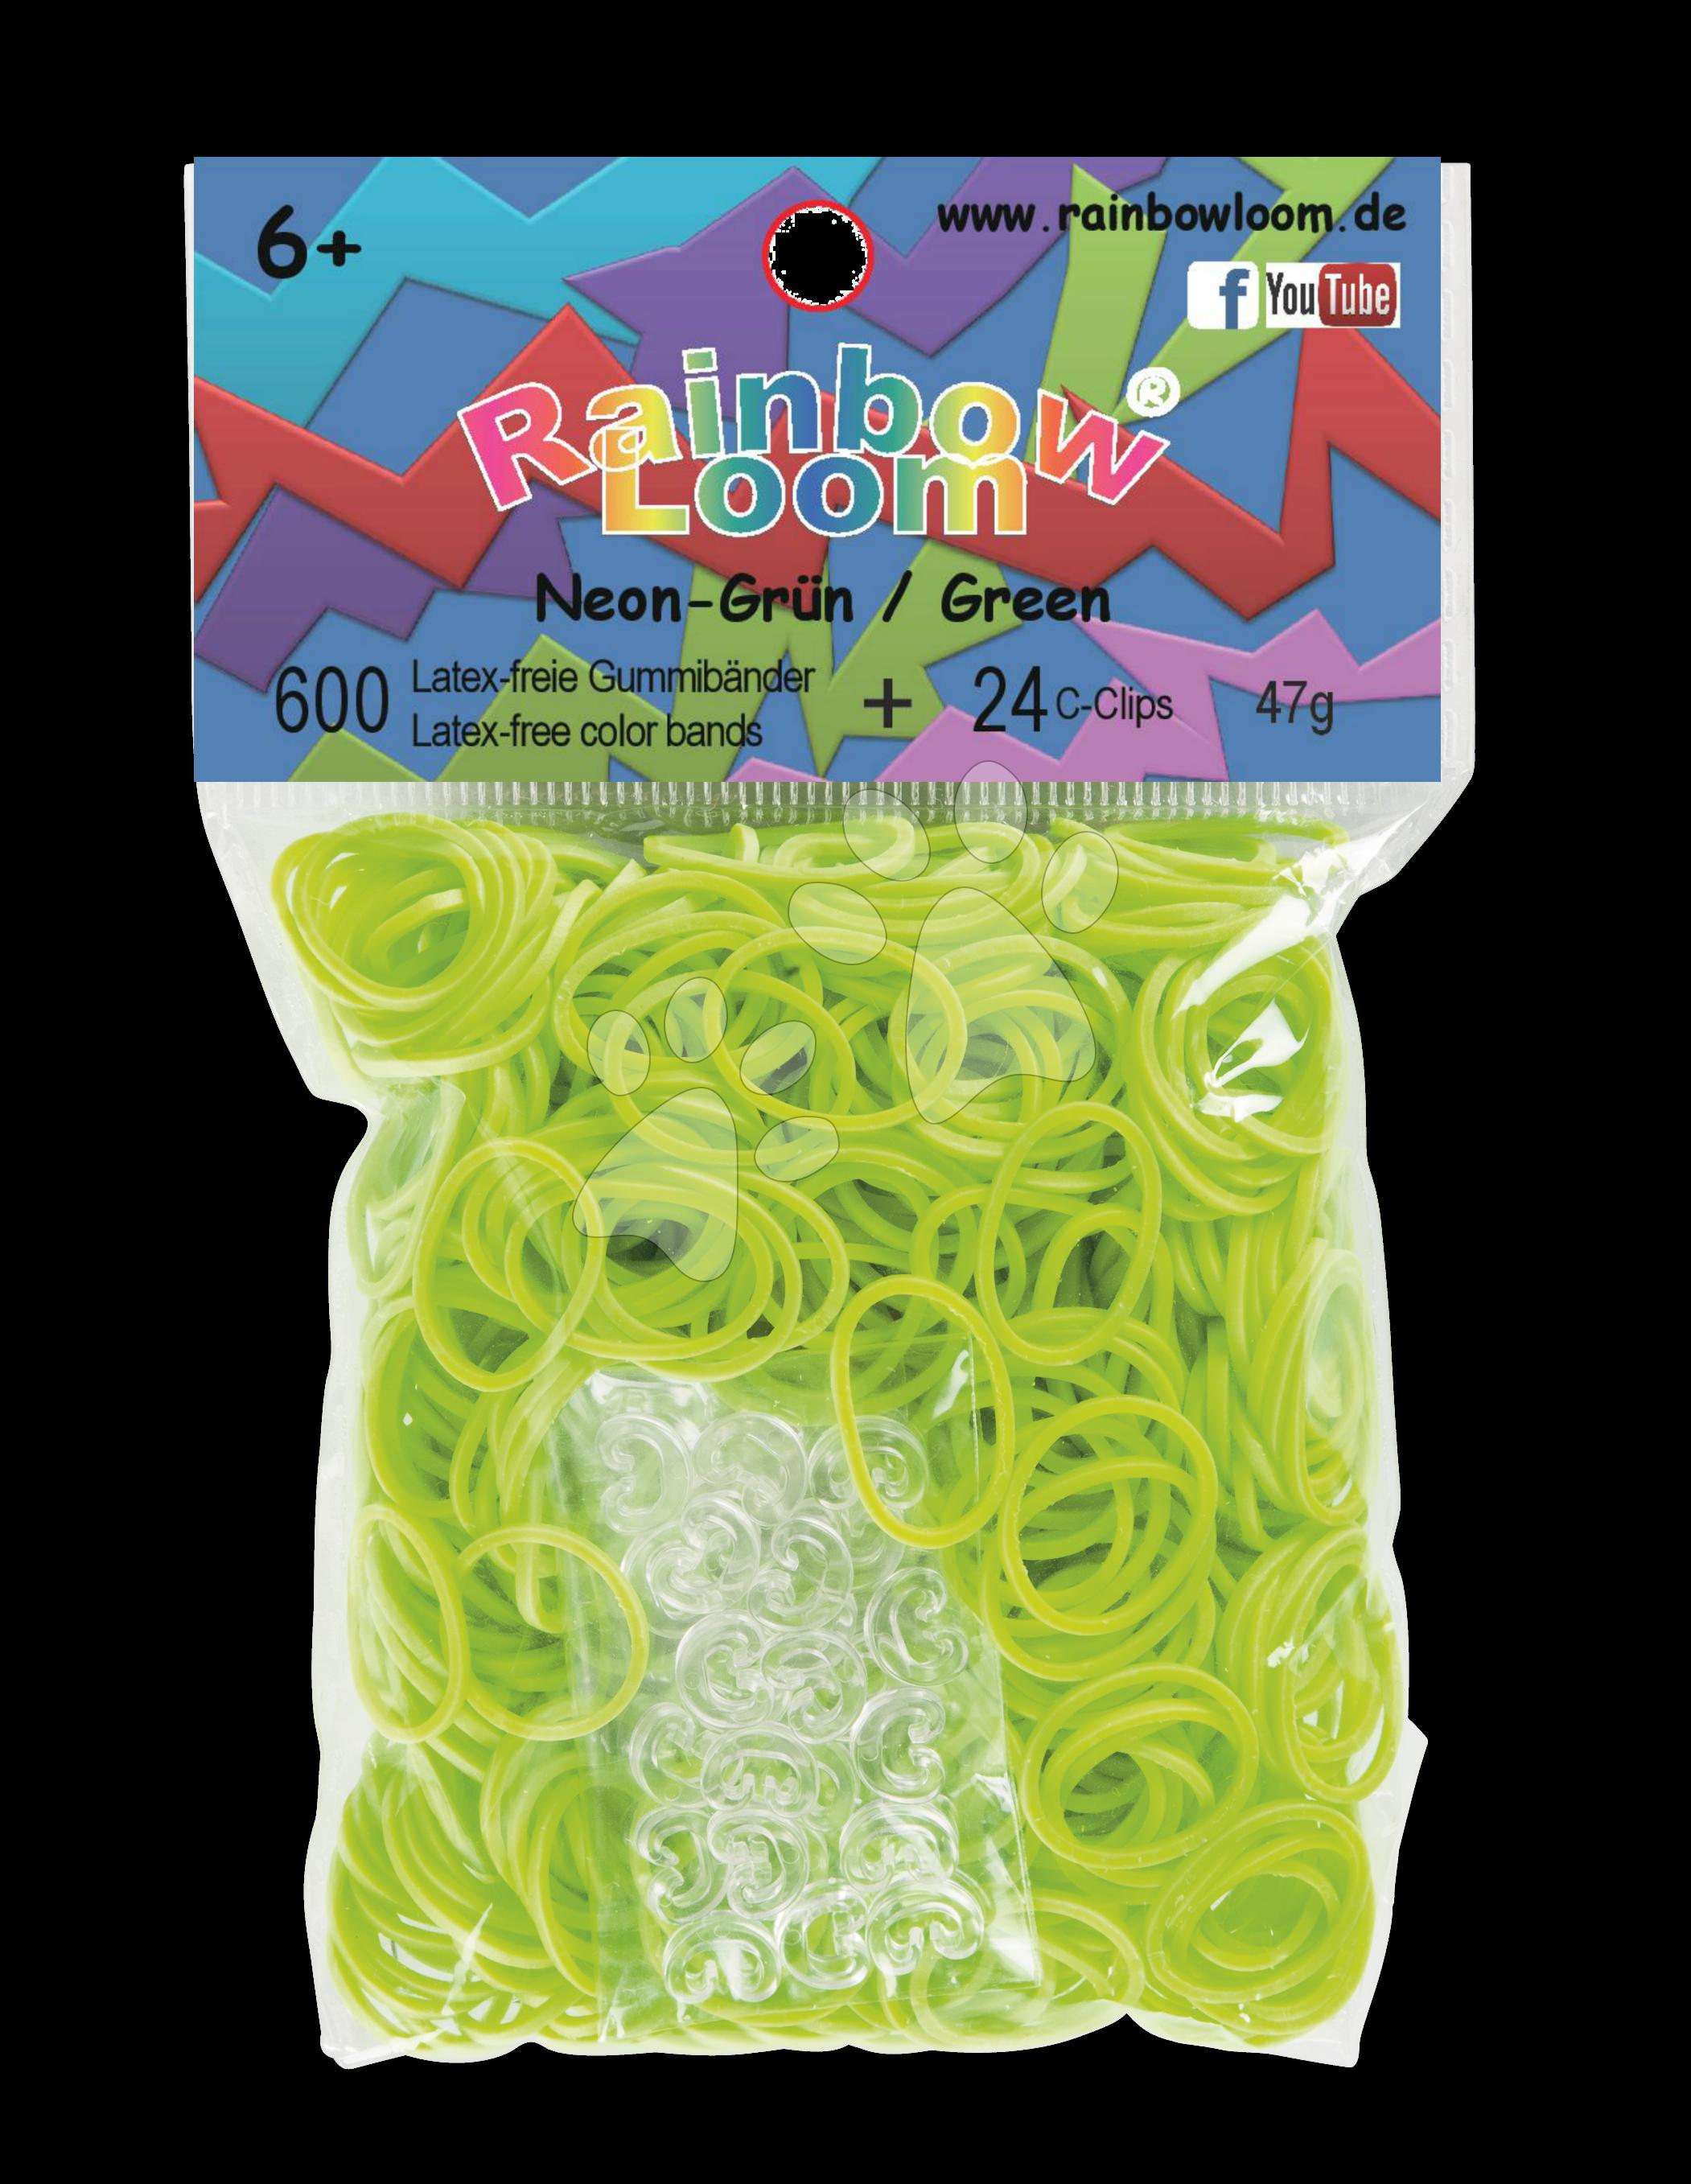 Rainbow Loom gumičky plné - Originálne neónové gumičky Rainbow Loom 600 kusov svetlozelené